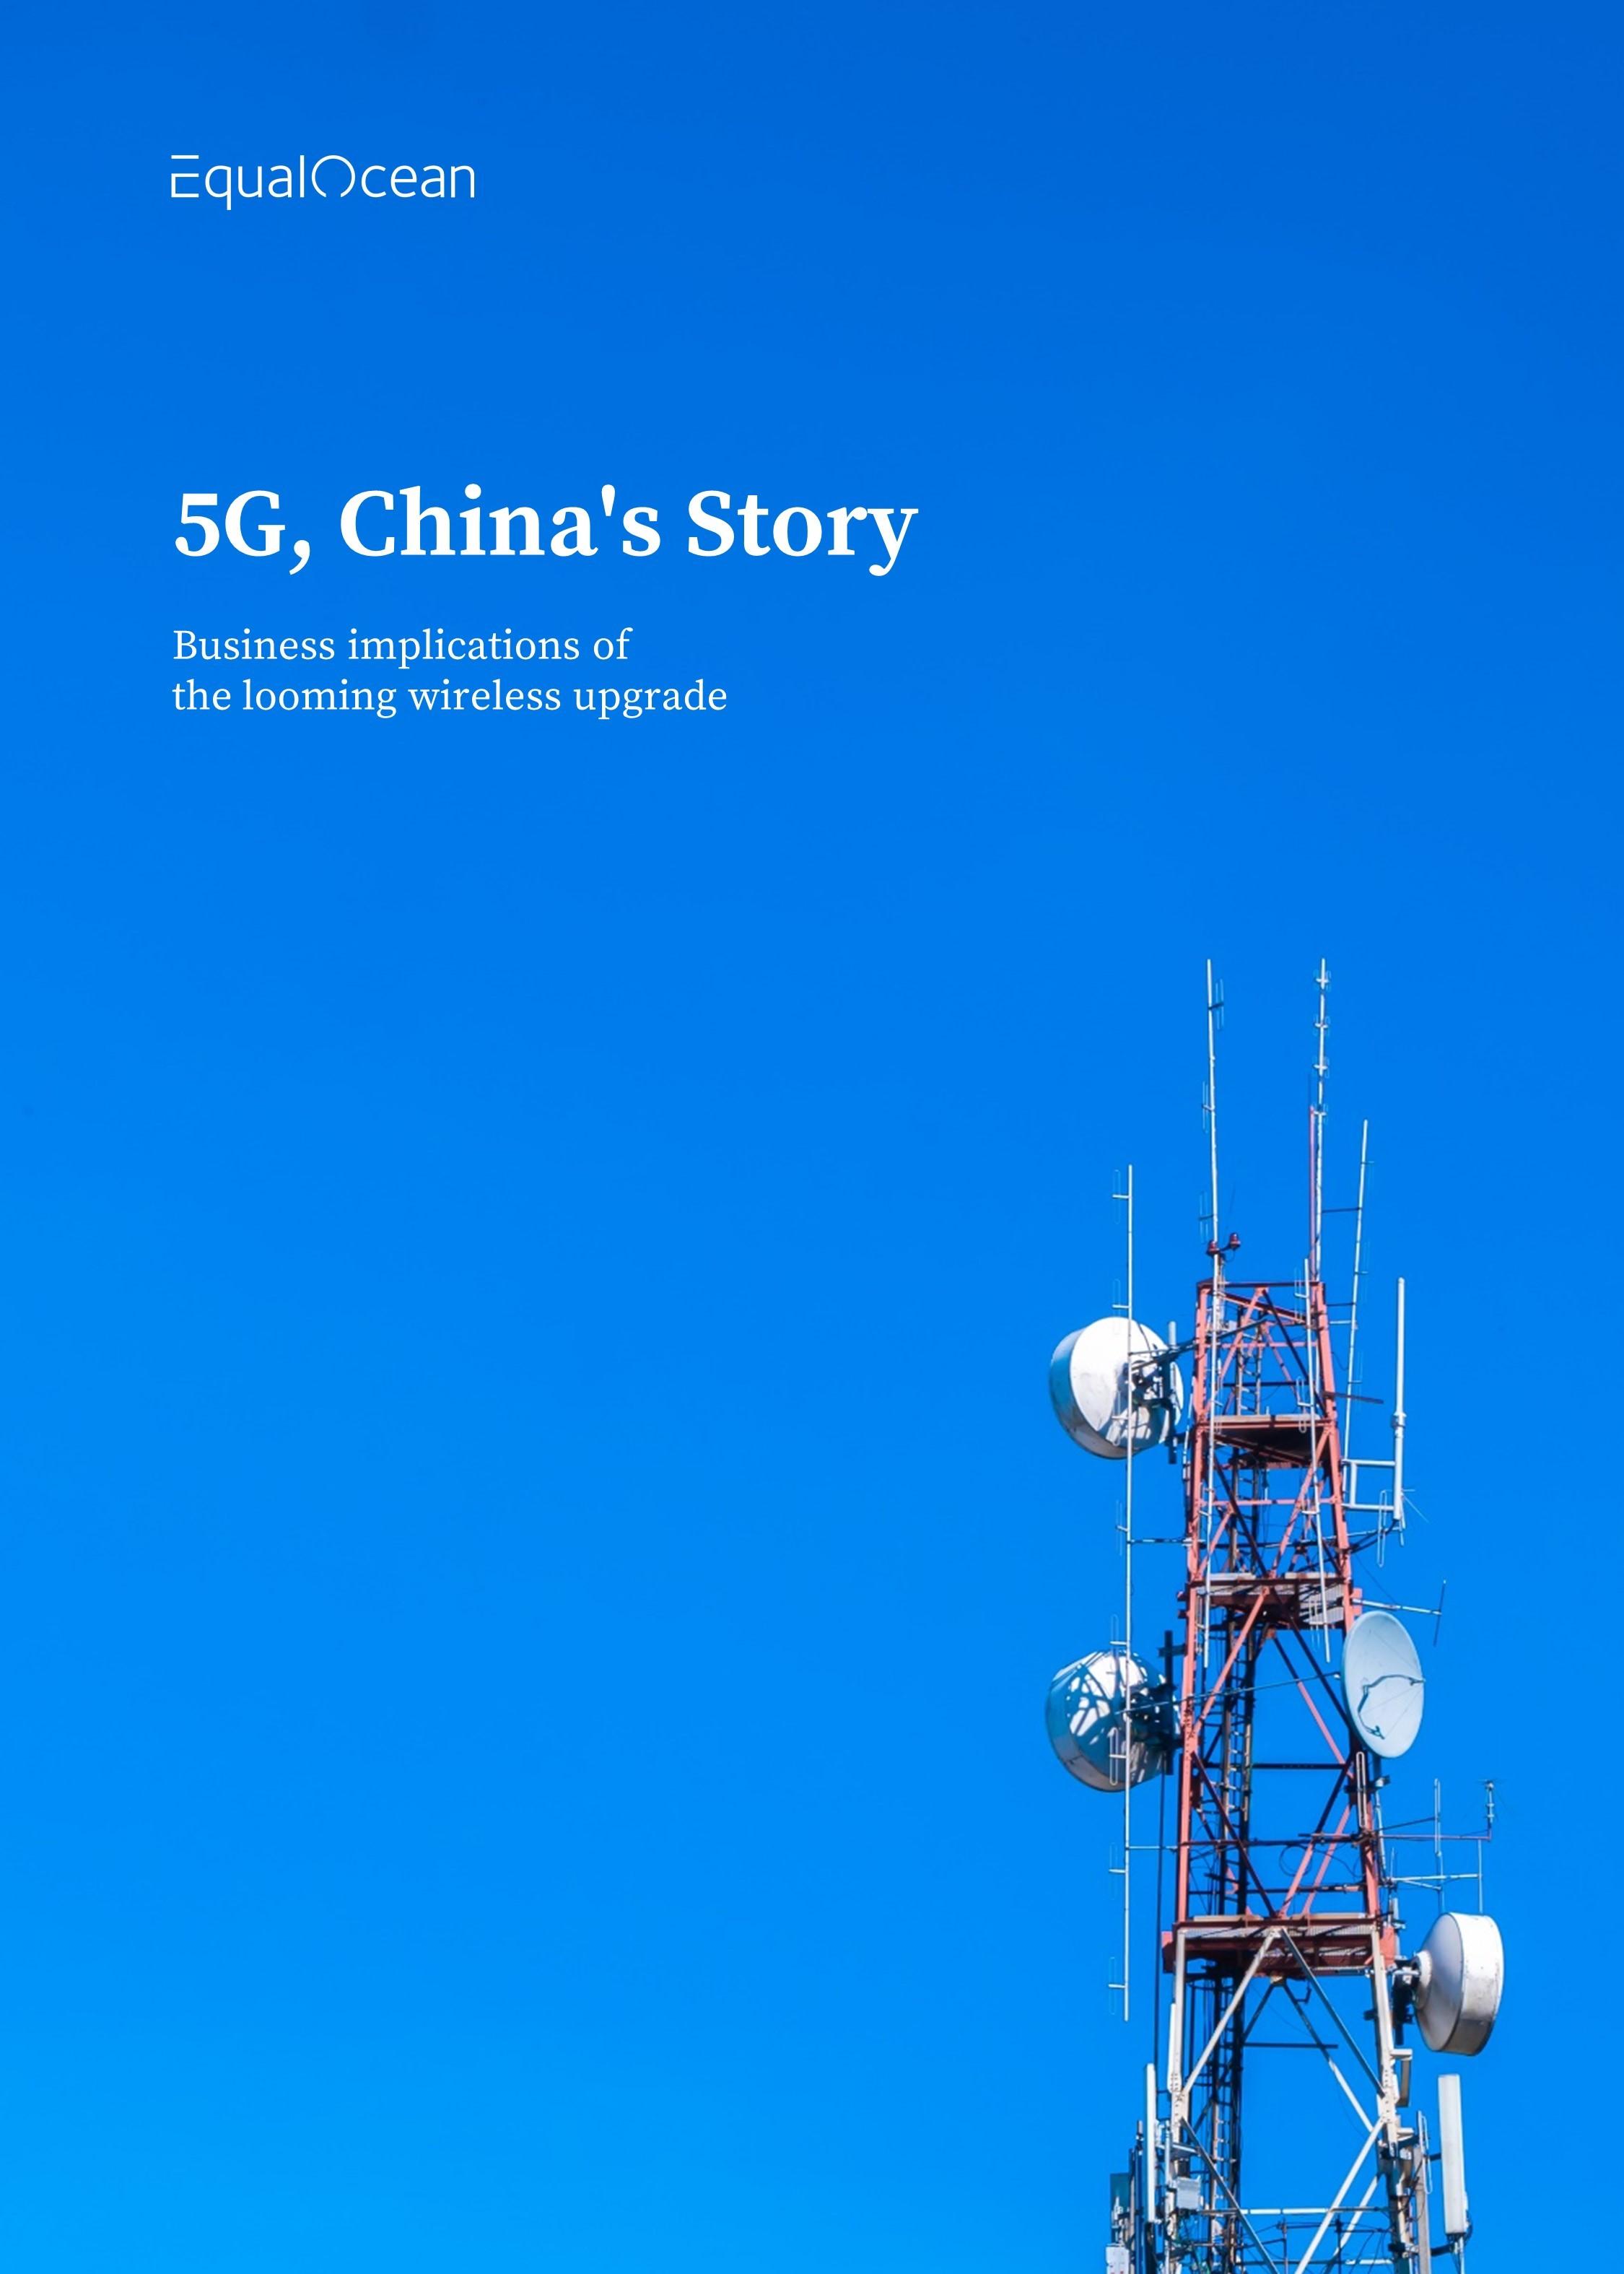 5G, China's Story